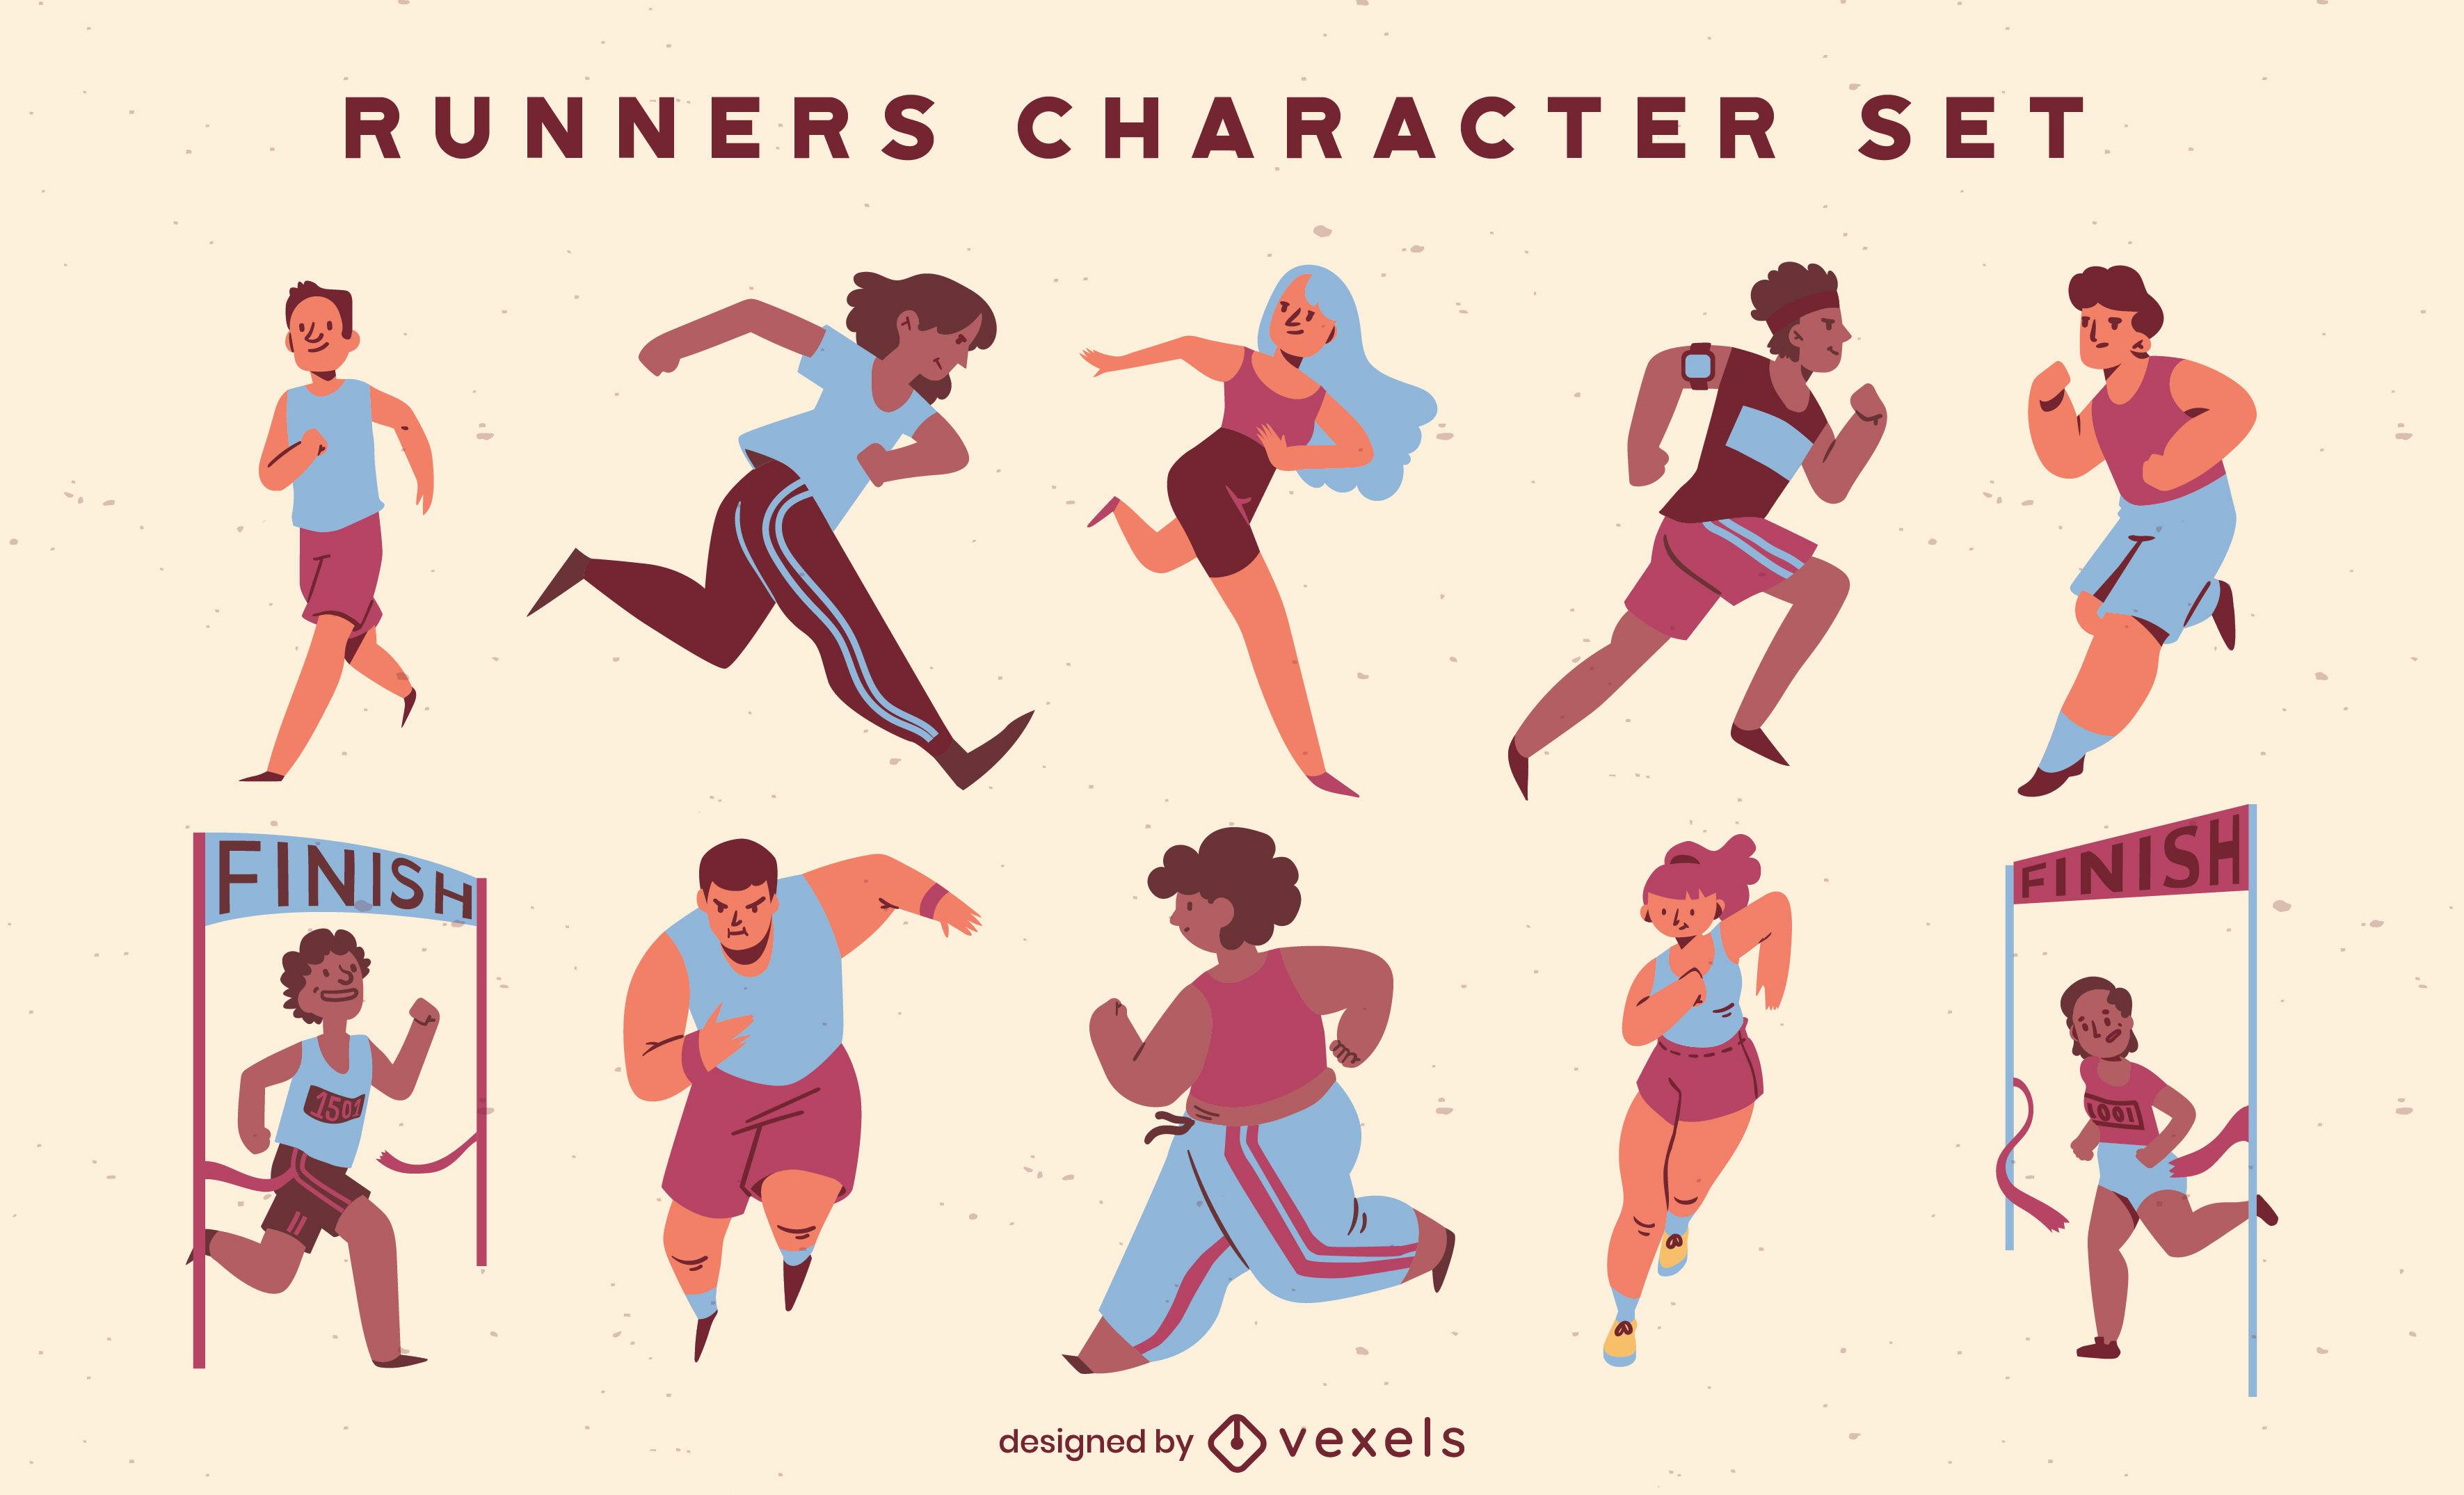 Personen, die den Zeichensatz des Laufbahnwettbewerbs laufen lassen